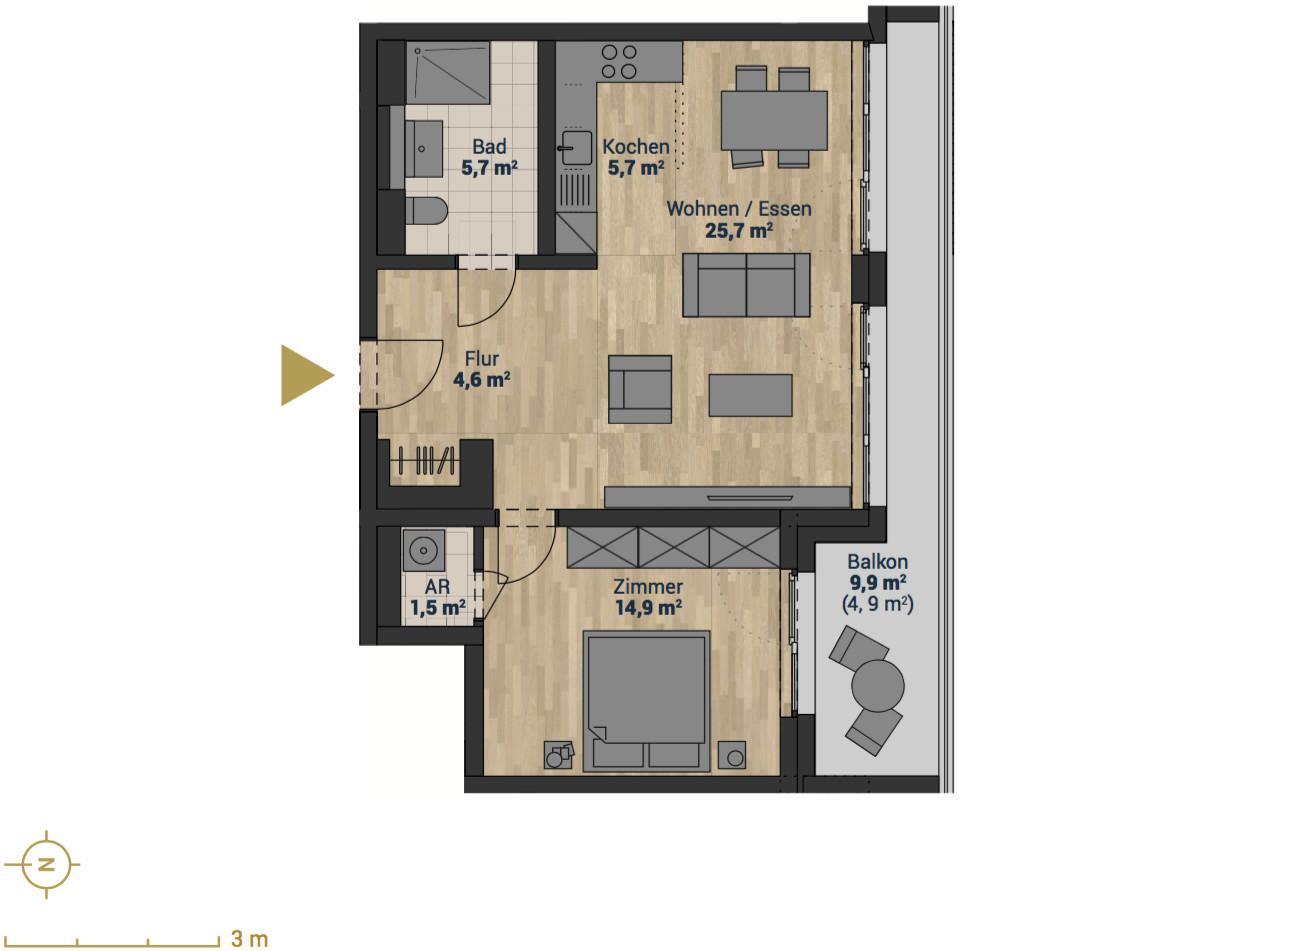 Grundriss Wohnung  ON BOARD HAMBURG Eigentumswohnungen im Baakenhafen Hamburg